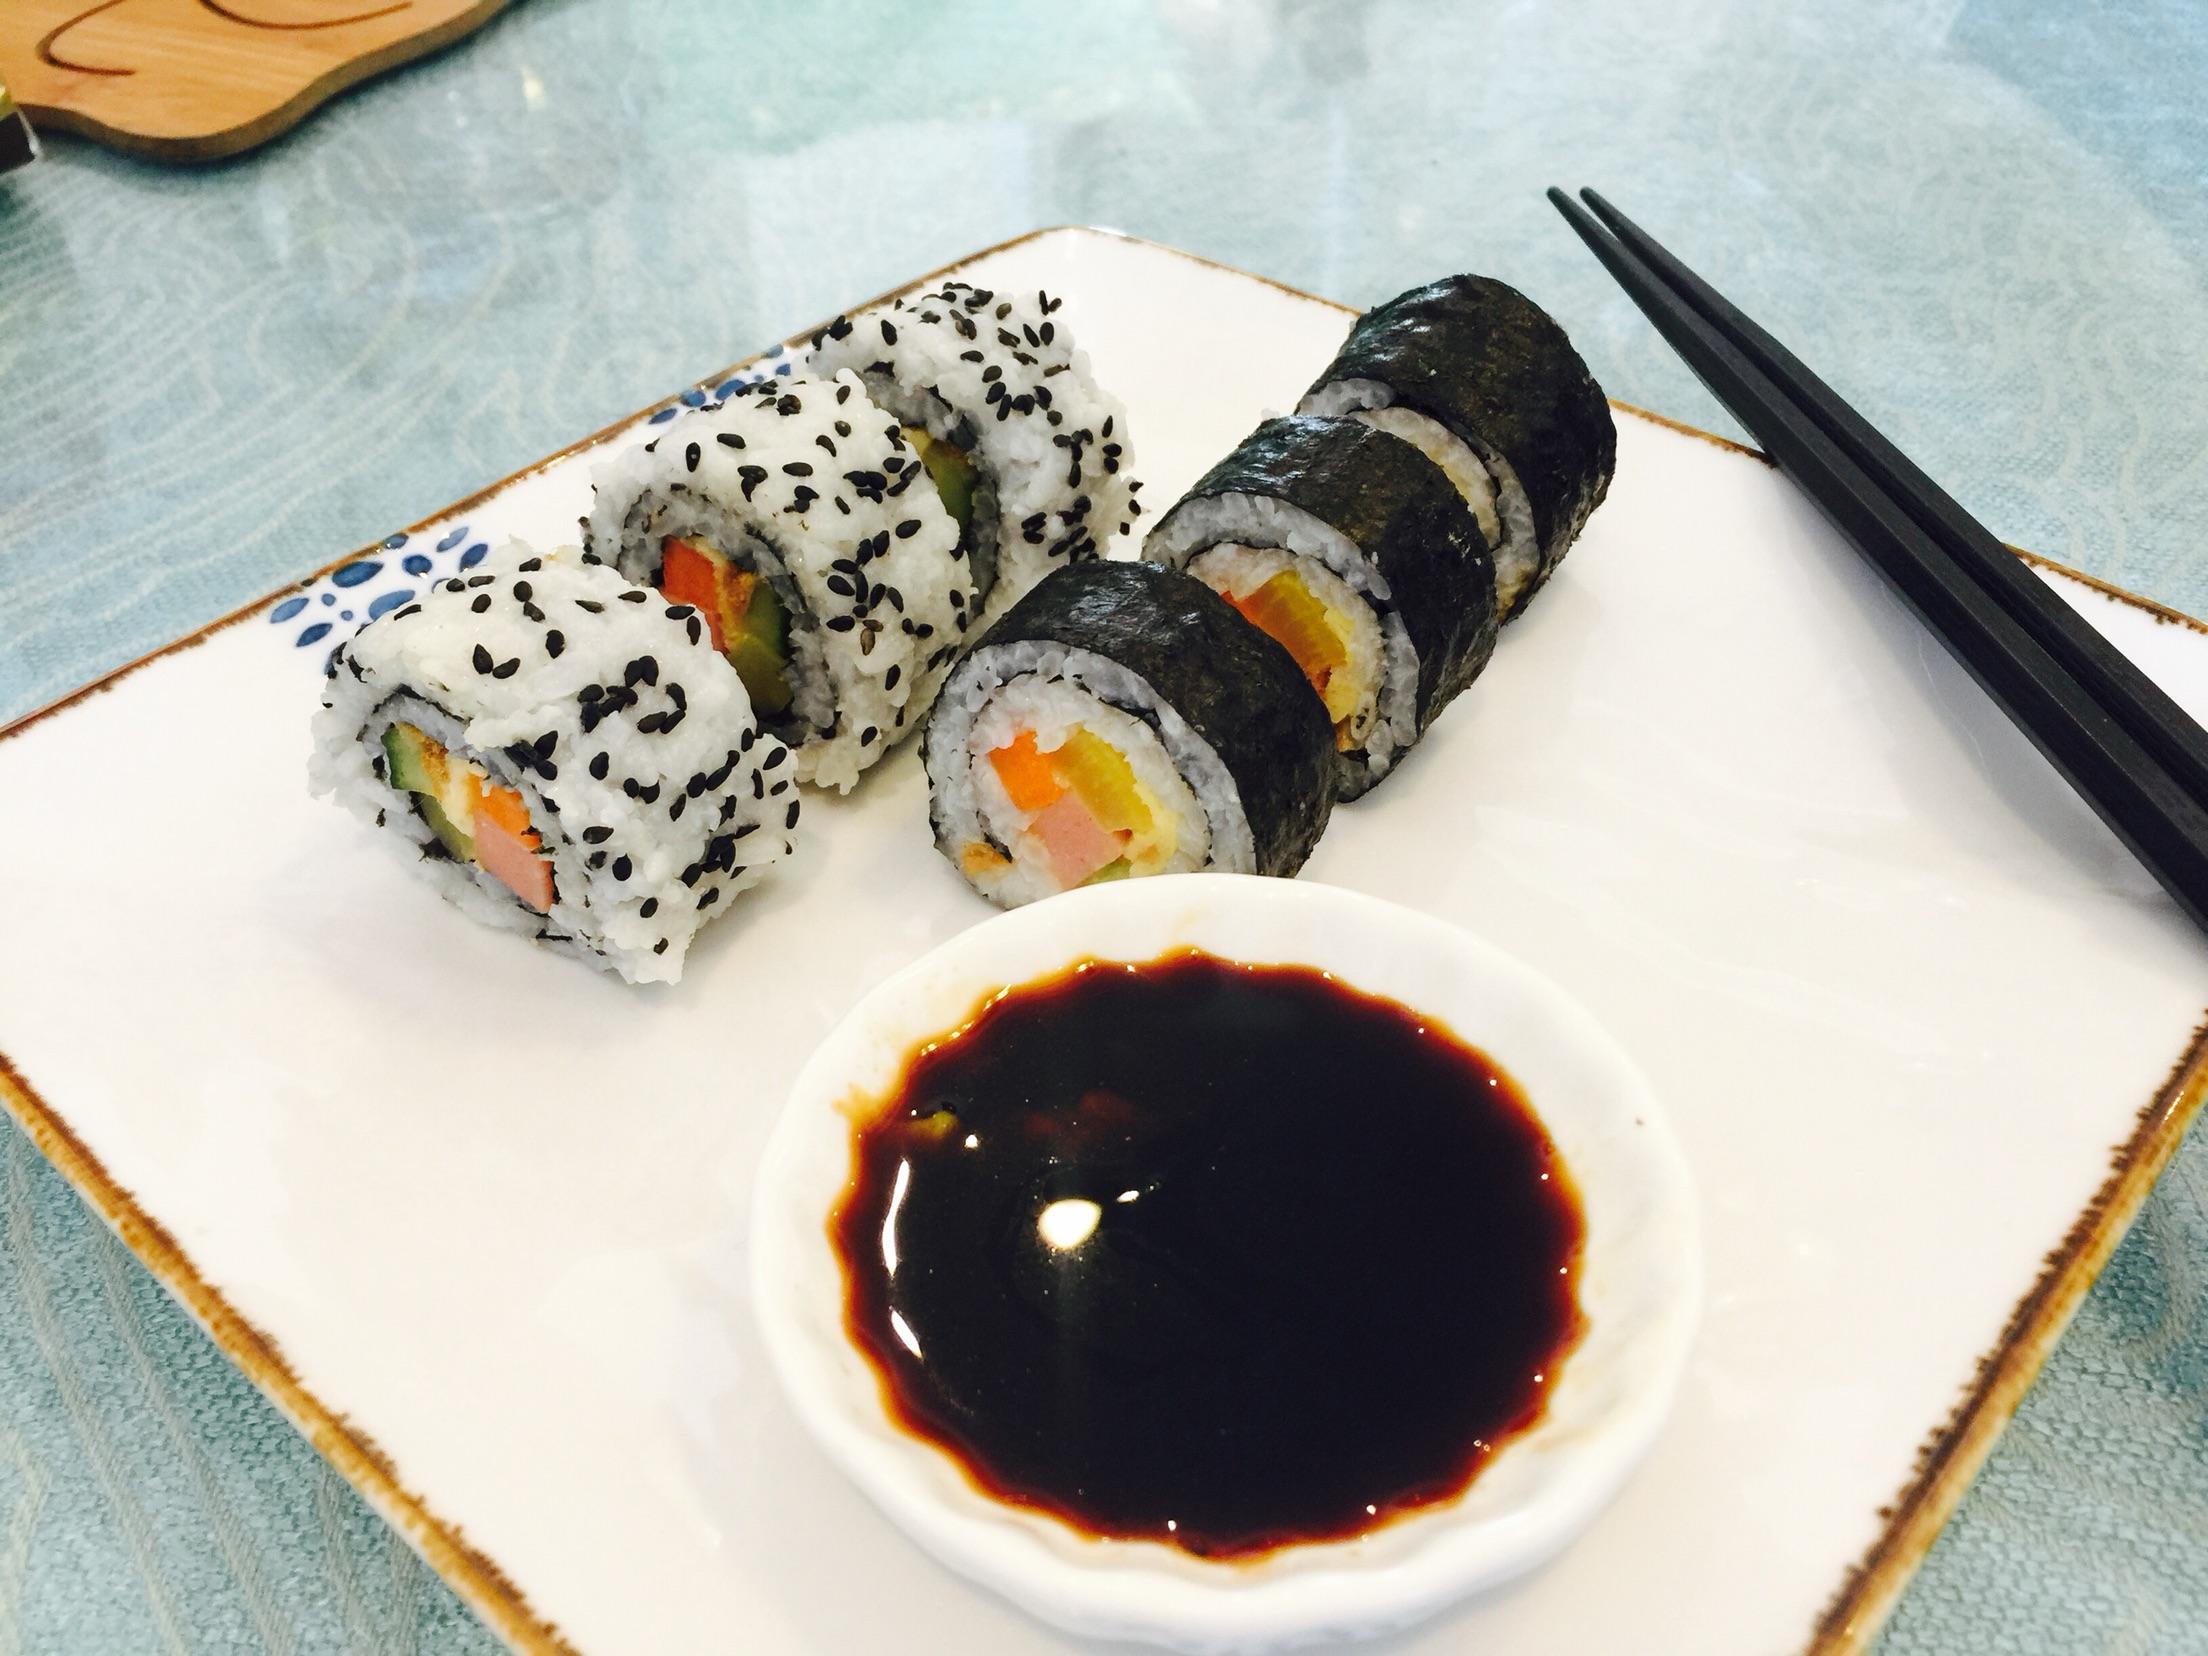 紫菜包饭/手卷寿司的做法_【图解】紫菜包饭/手卷寿司